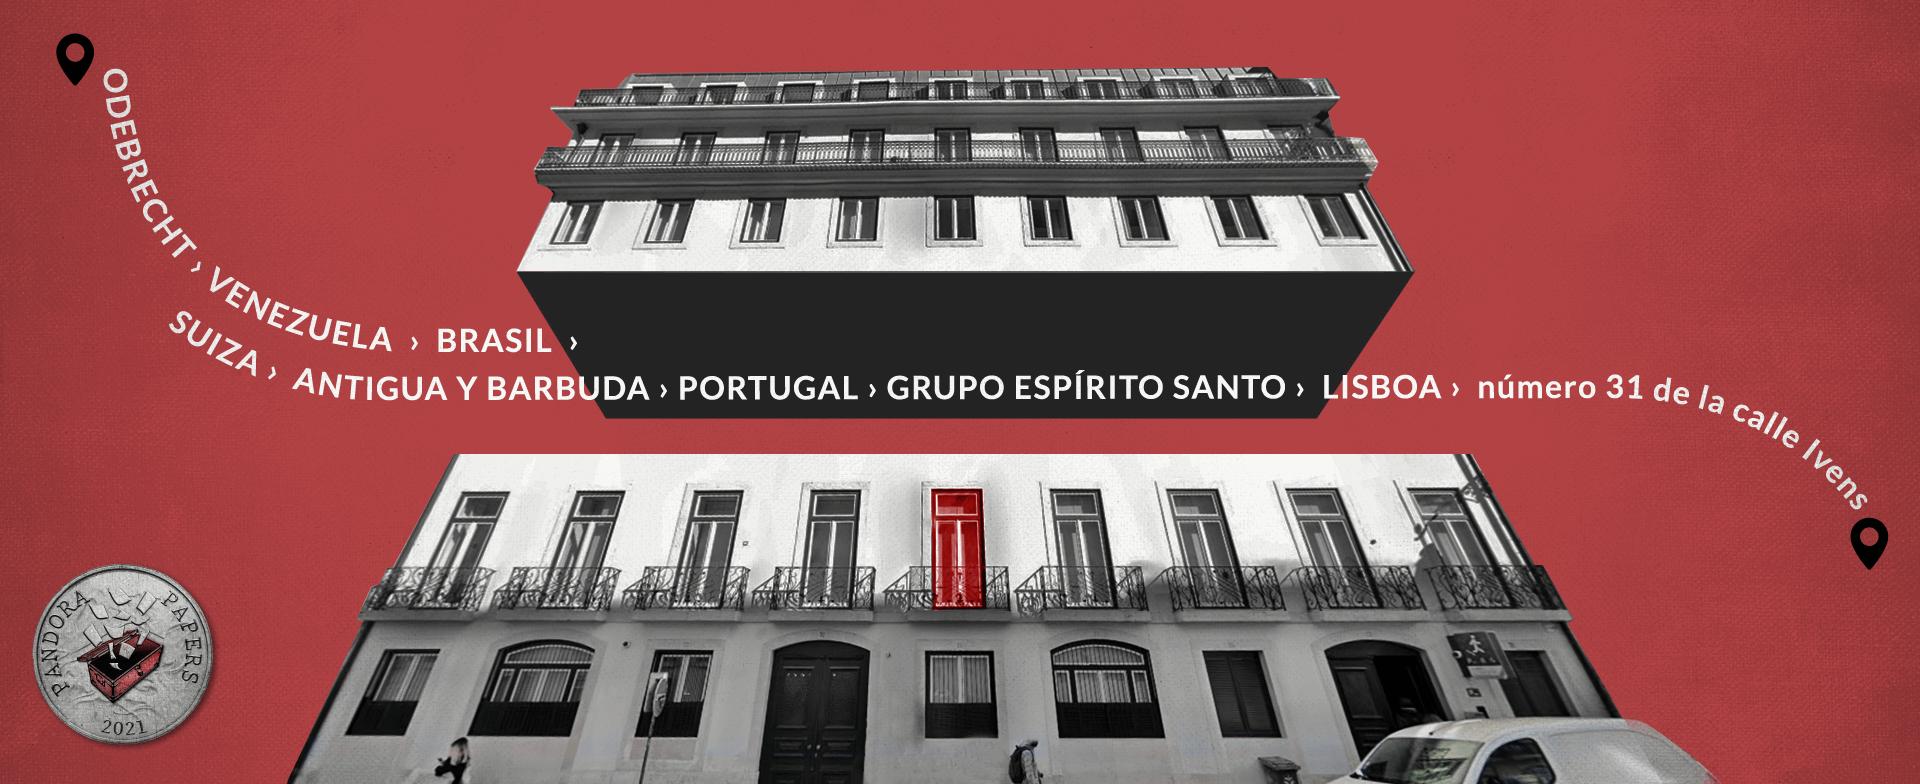 Banco Espírito Santo blanqueó el botín de El Troudi